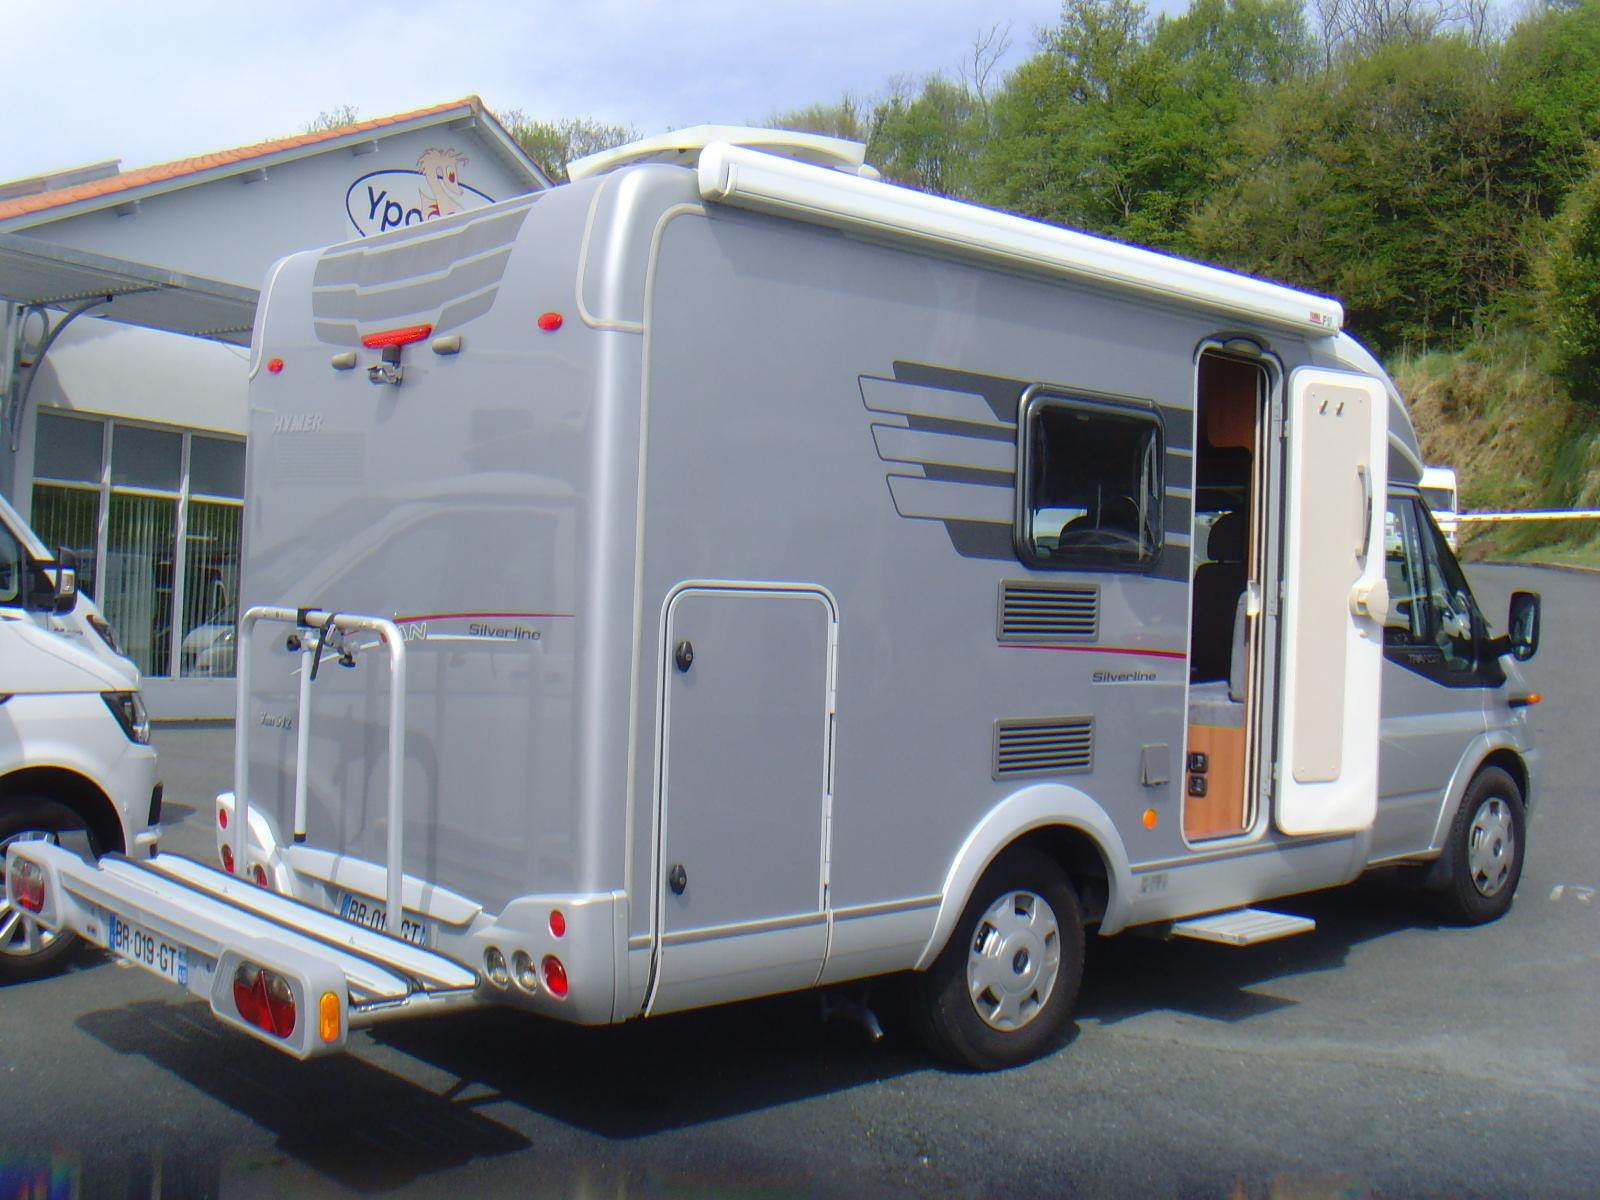 hymer van 512 silverline occasion porteur ford 2 2l 140cv camping car vendre en espagne. Black Bedroom Furniture Sets. Home Design Ideas